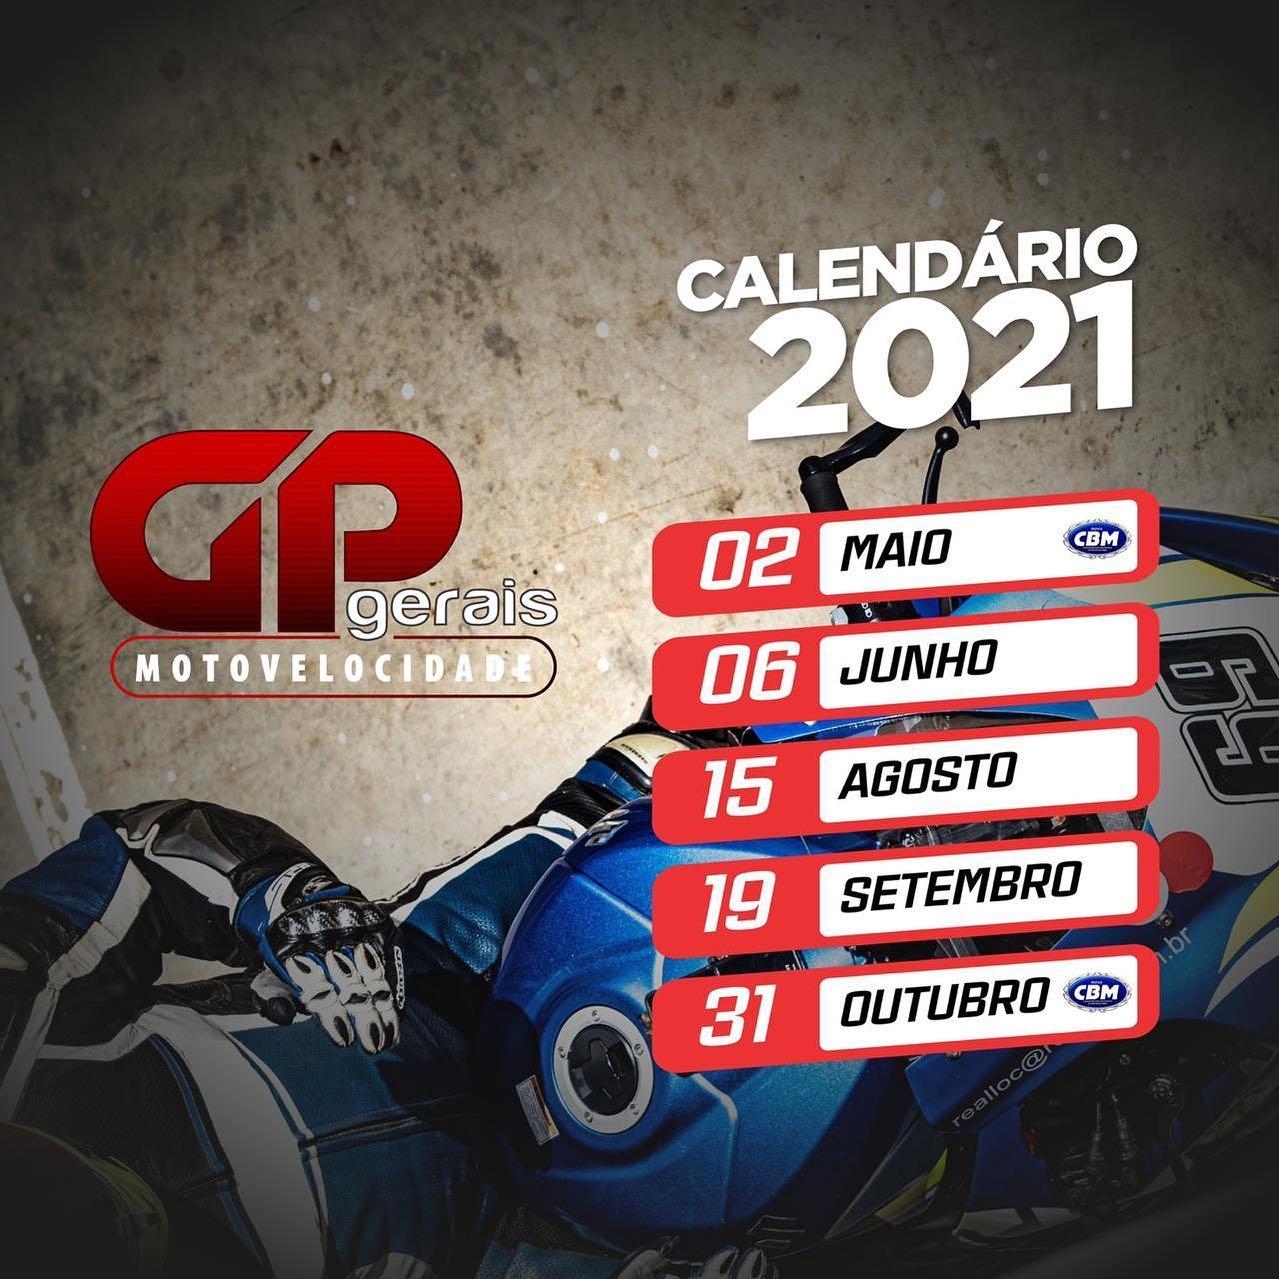 Calend U00e1rio Mineiro De Motovelocidade 2021 FMEMG